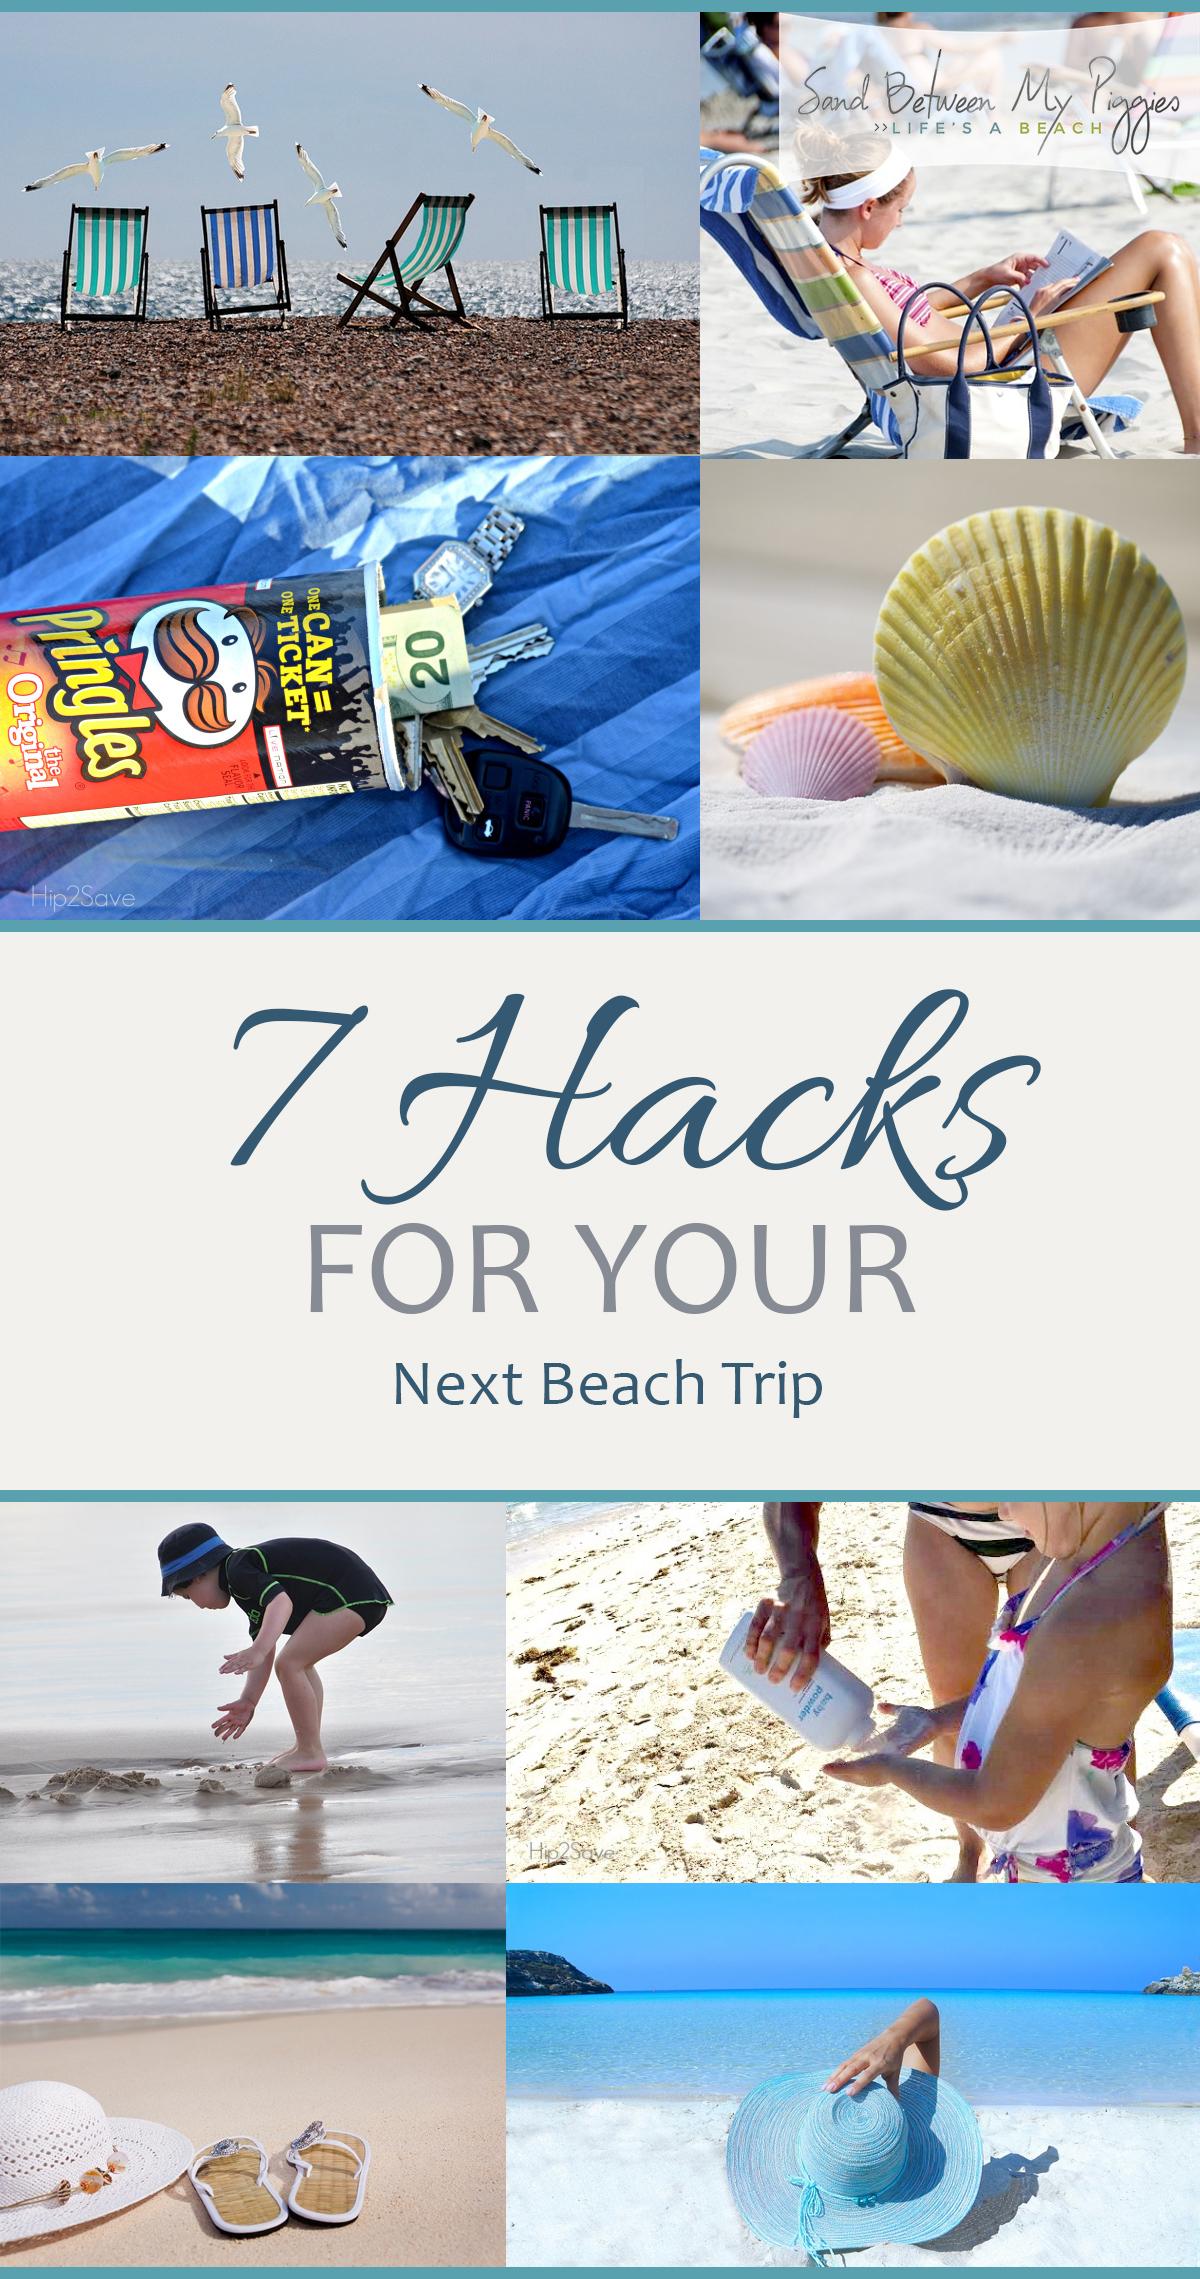 Beach Trip, Beach Hacks, Hacks for the Beach, Beach Vacation, Beach Vacation Tips and Tricks, Vacation Tips for the Beach, Cheap Beach Vacation, Popular